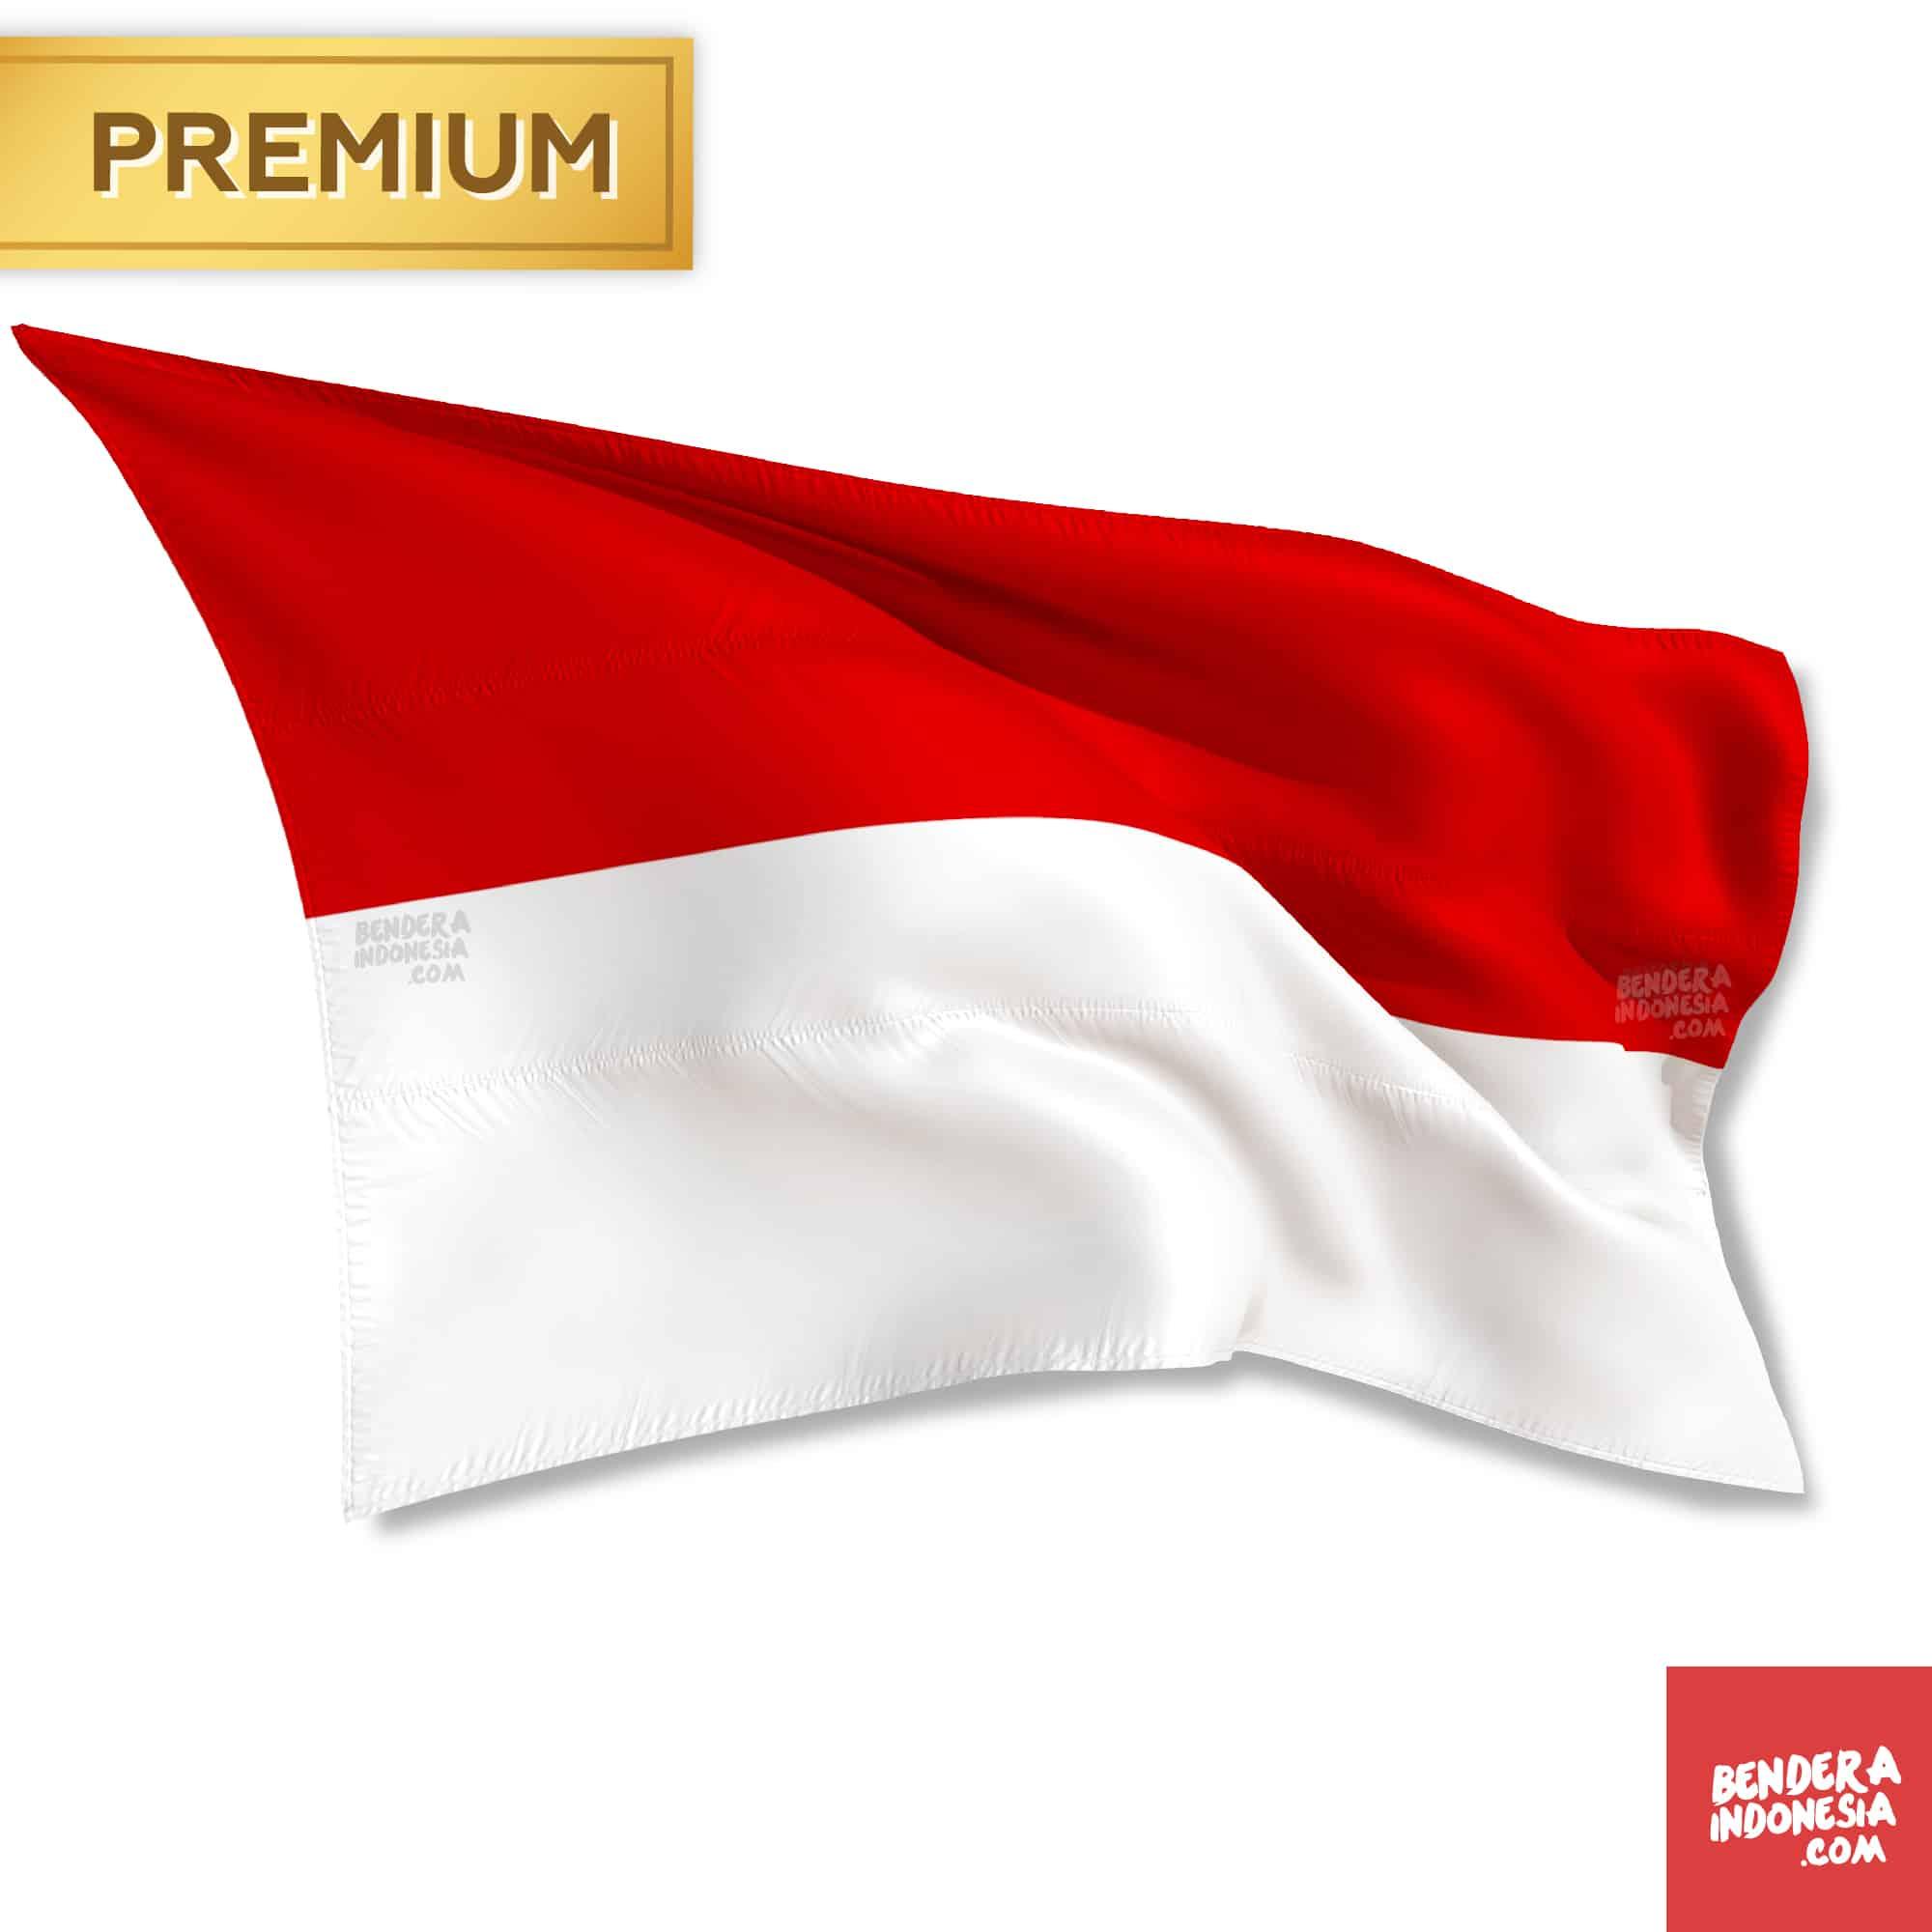 bendera_merah putih PREMIUM-01